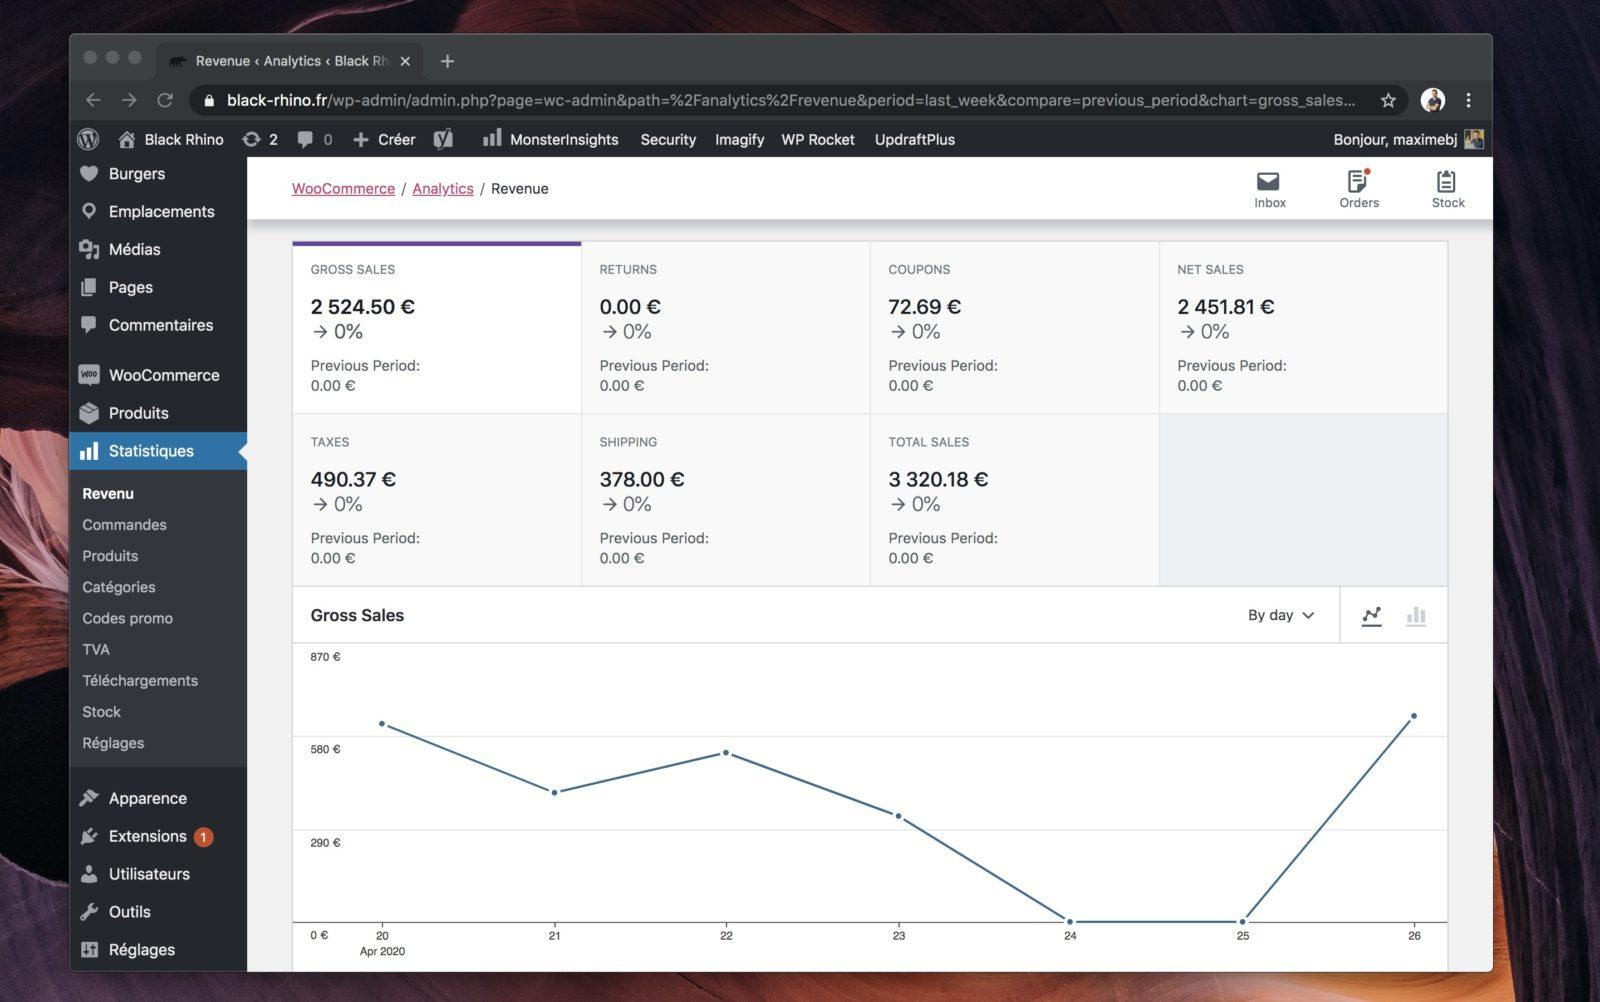 Capture d'écran du tableau de bord WooCommerce montrant des statistiques de vente